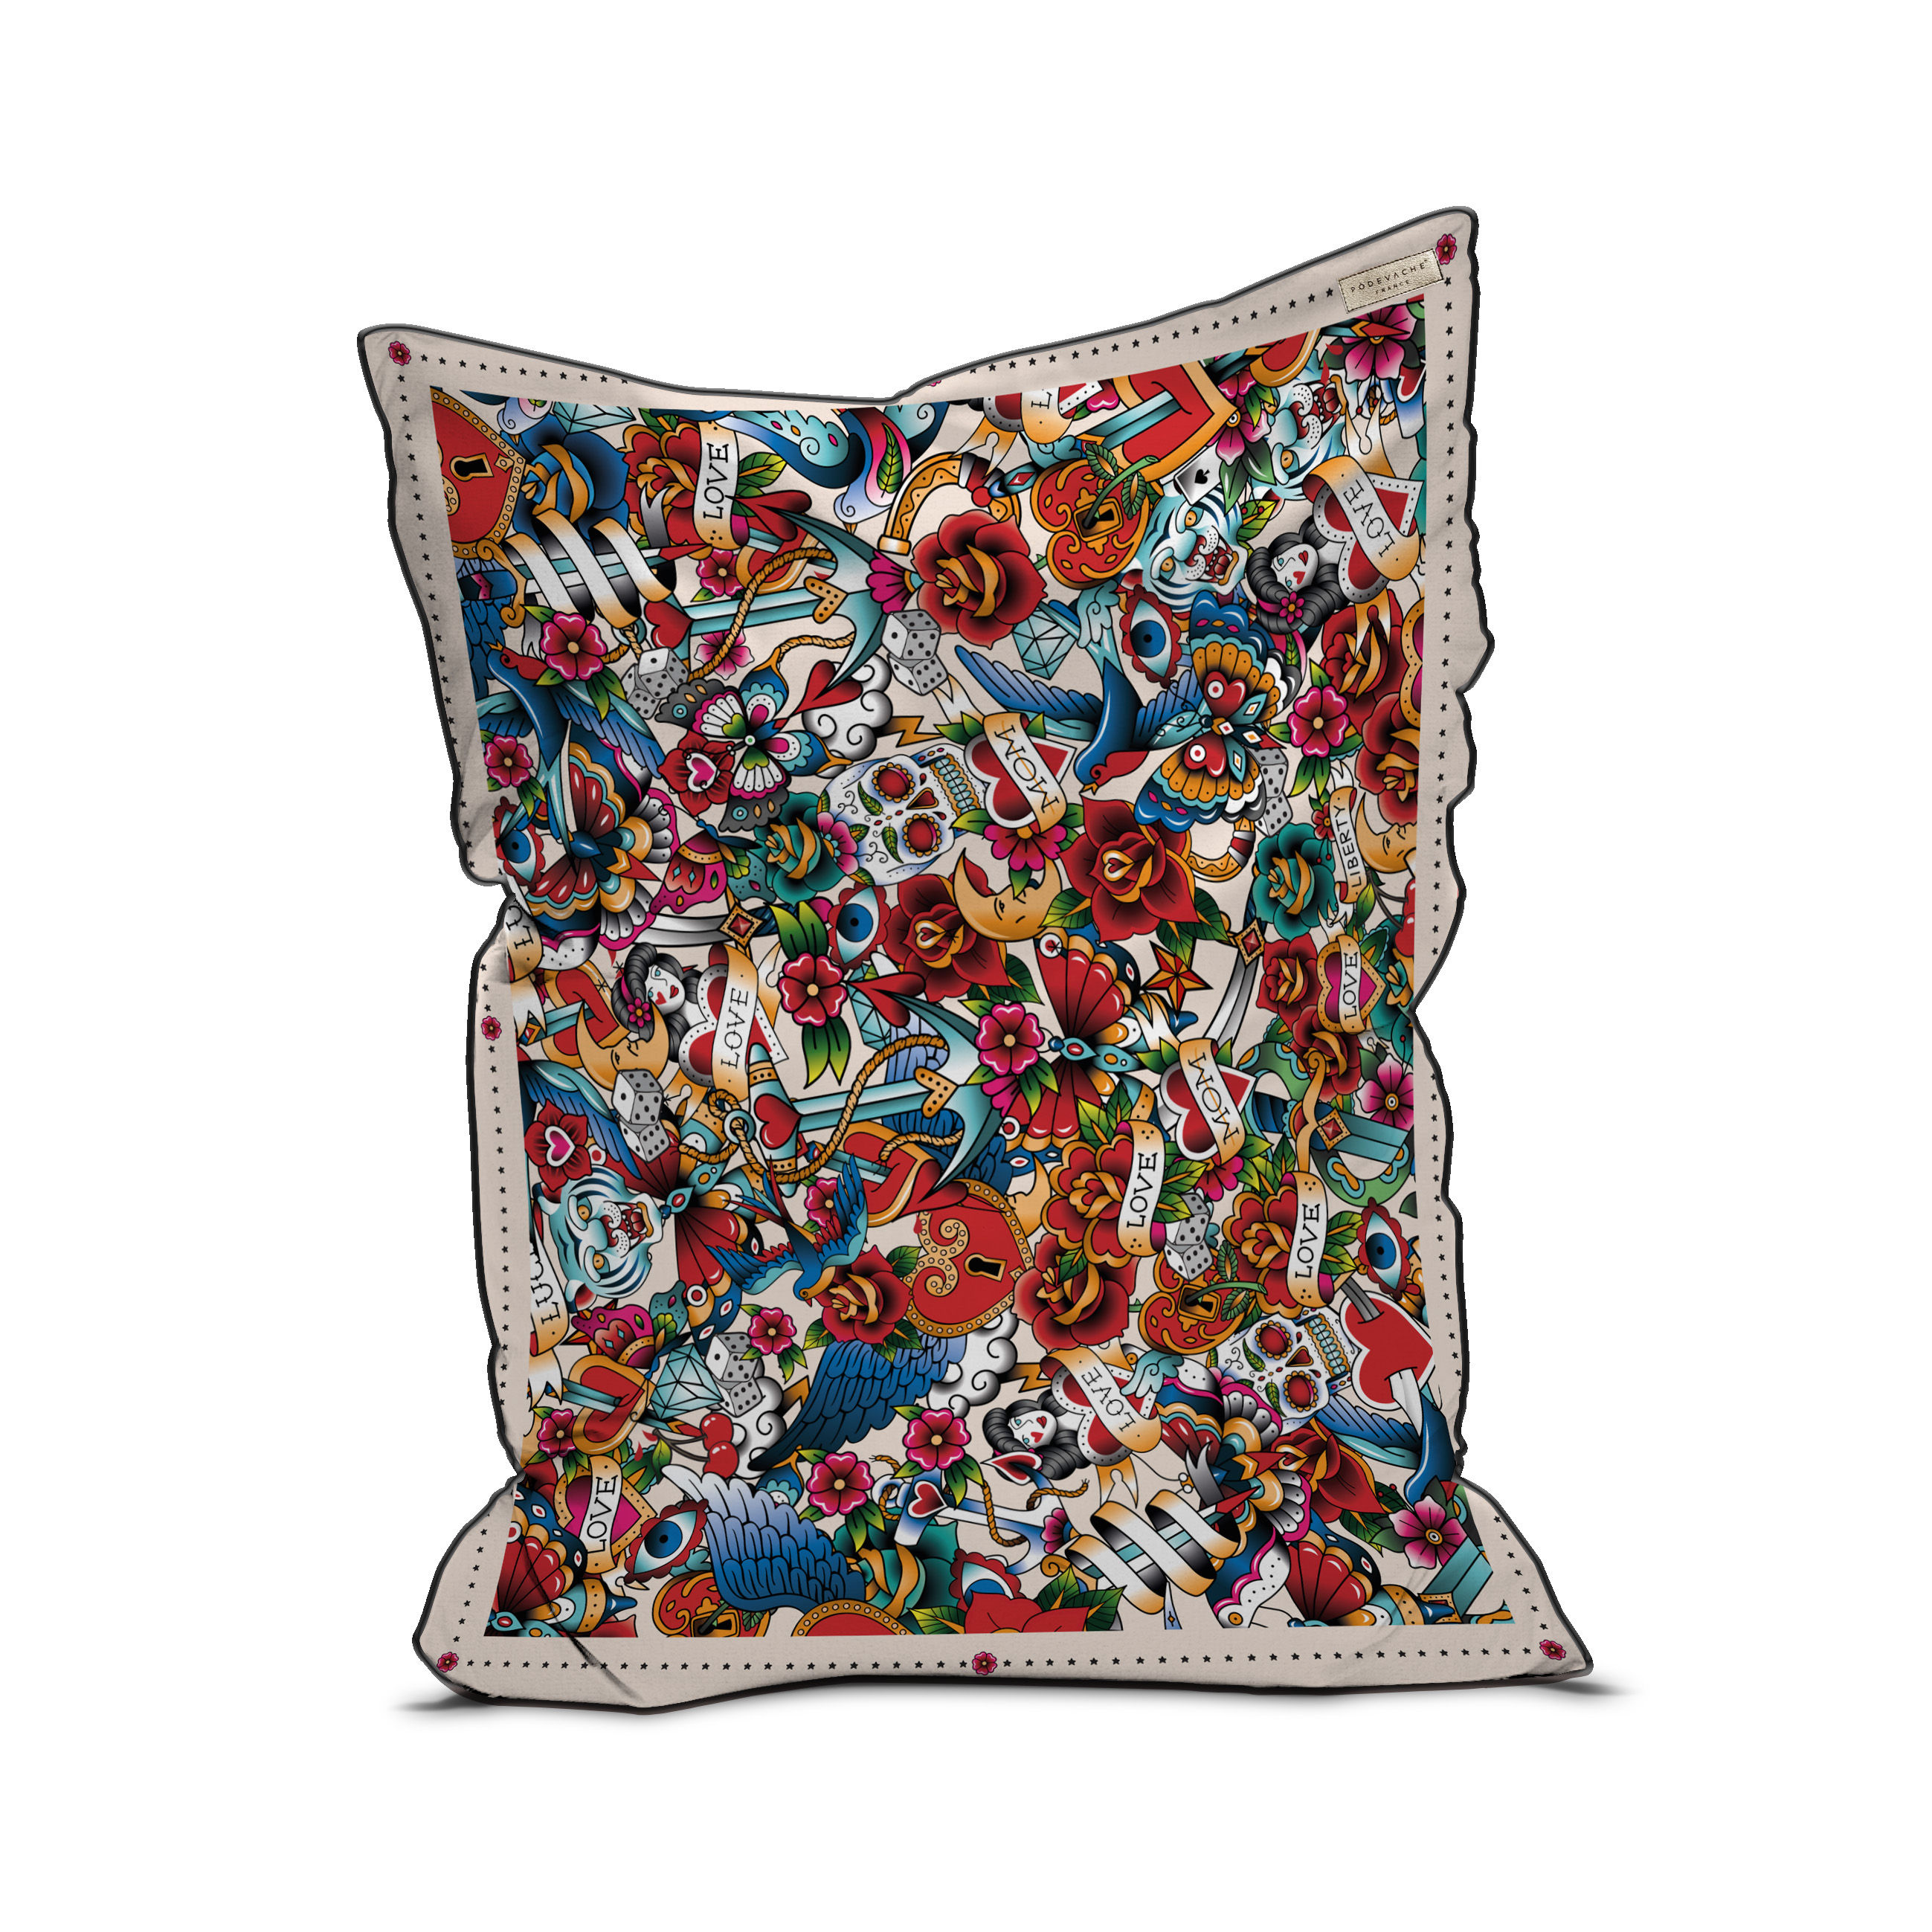 Furniture - Poufs & Floor Cushions - Tatoo Pouf - / Velvet - 115 x 145 cm by PÔDEVACHE - Multi-Tattoo / Multicoloured - EPS balls, Fabric, Velvet